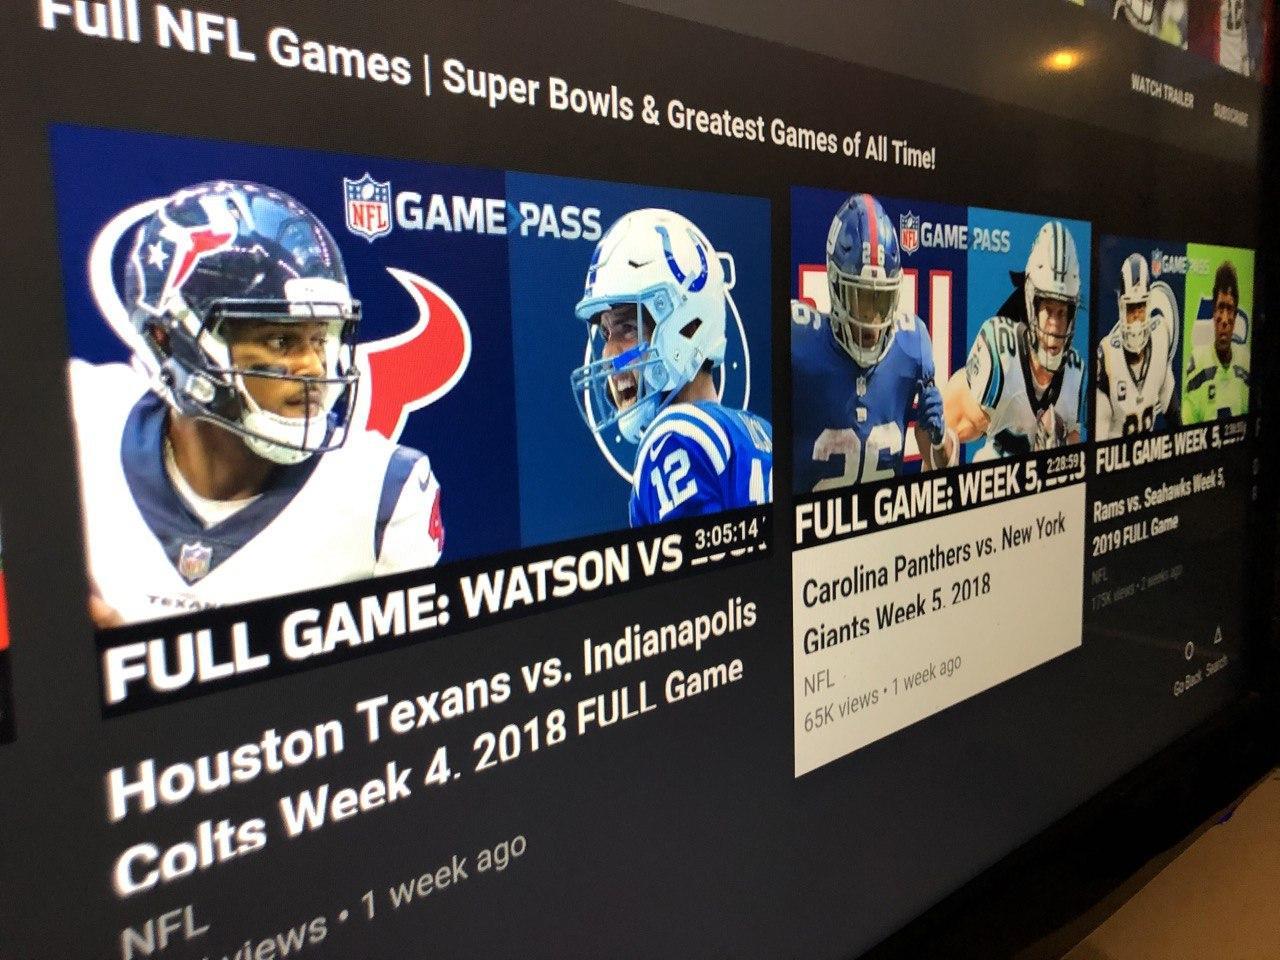 Die NFL hat auf ihrem YouTube-Kanal viele Spiele im ReLive im Angebot. Foto: Stefan Krüger (Symbole © NFL/YouTube)